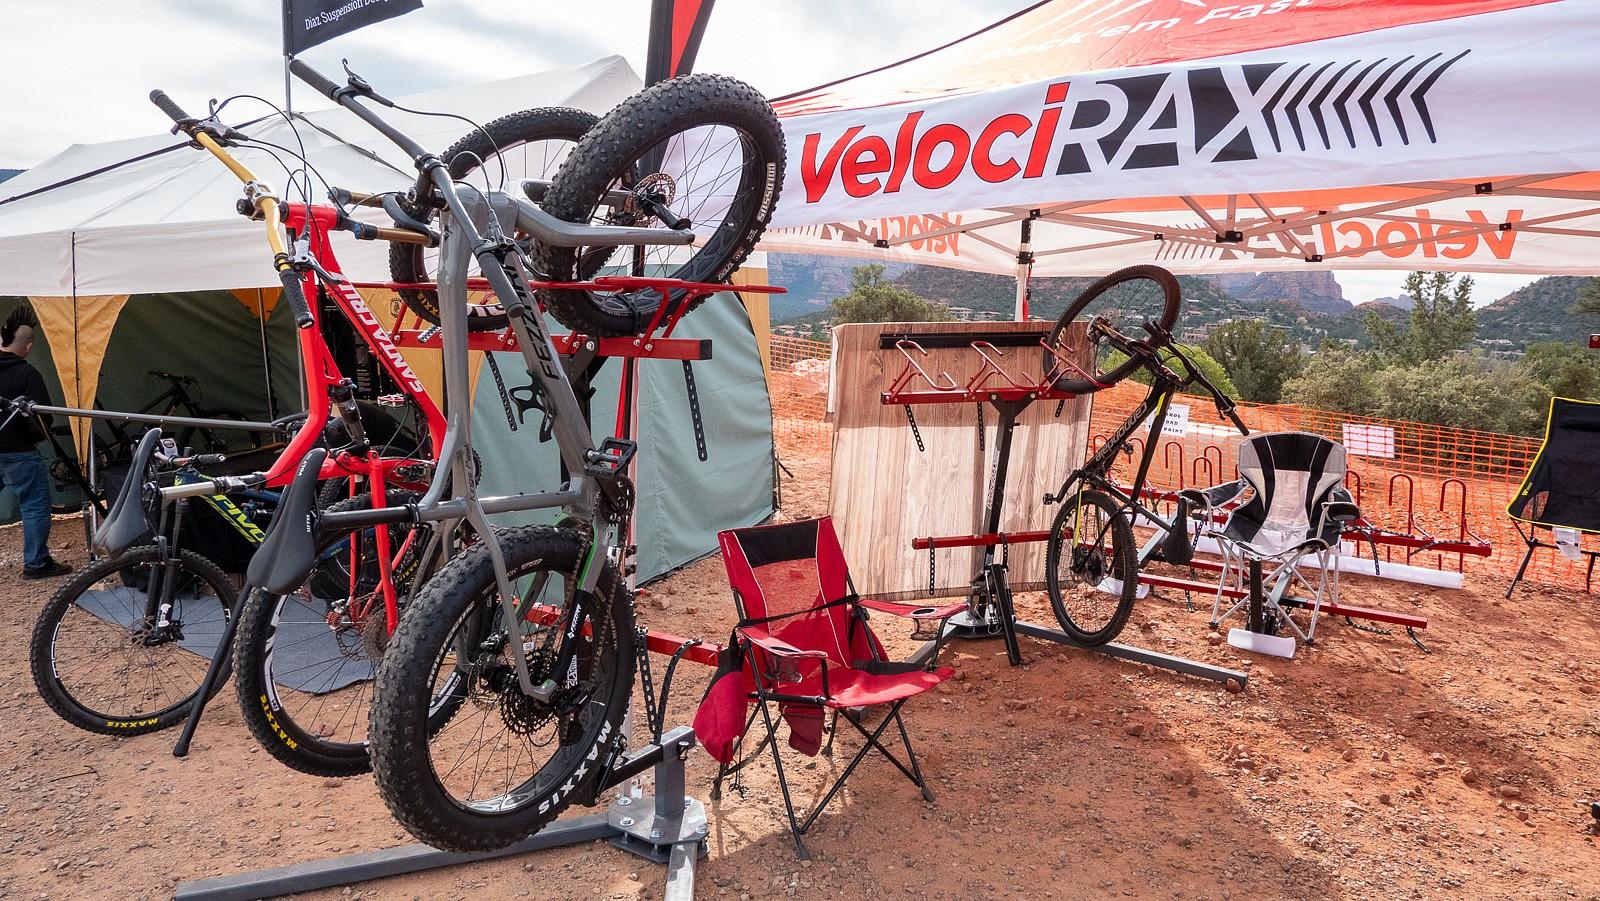 Veloicrax at Sedona - PIT BITS 2 - Sedona Bike Festival 2020 - Mountain Biking Pictures - Vital MTB